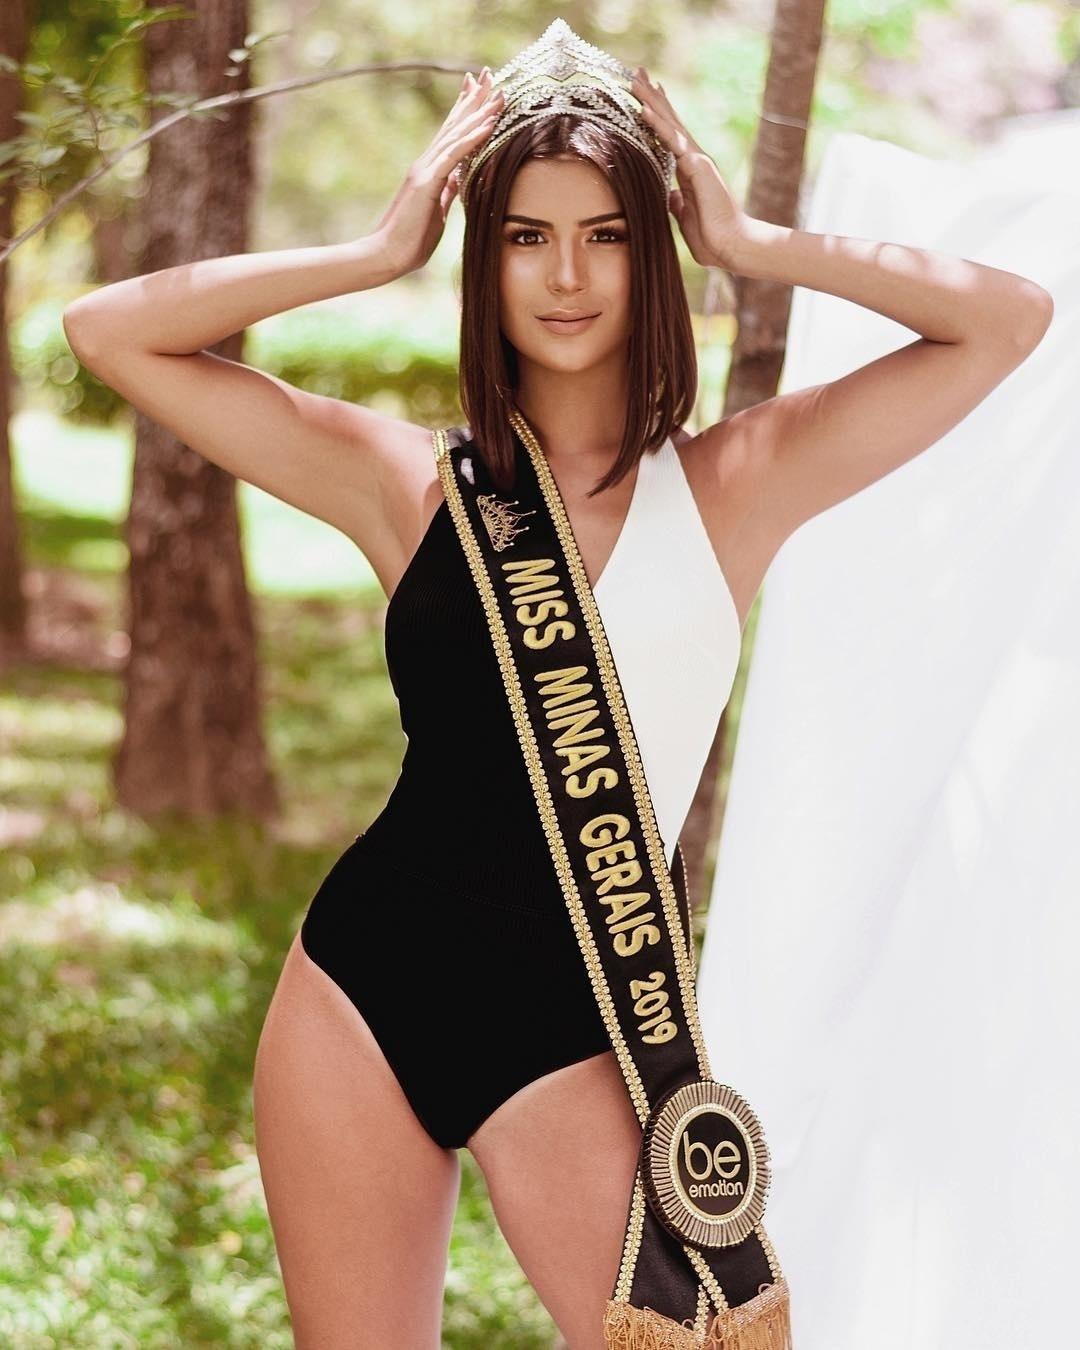 Resultado de imagem para Júlia Horta miss brasil de biquini